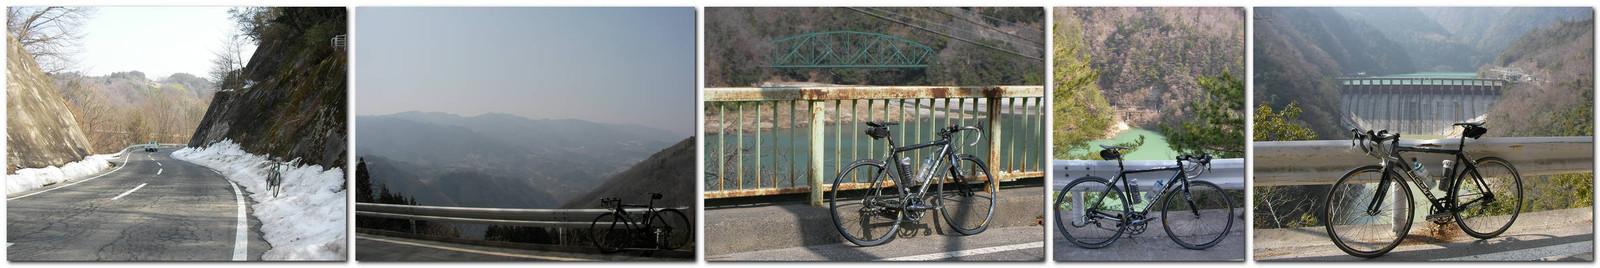 2014年3月12日「長野県道1号線の風景」